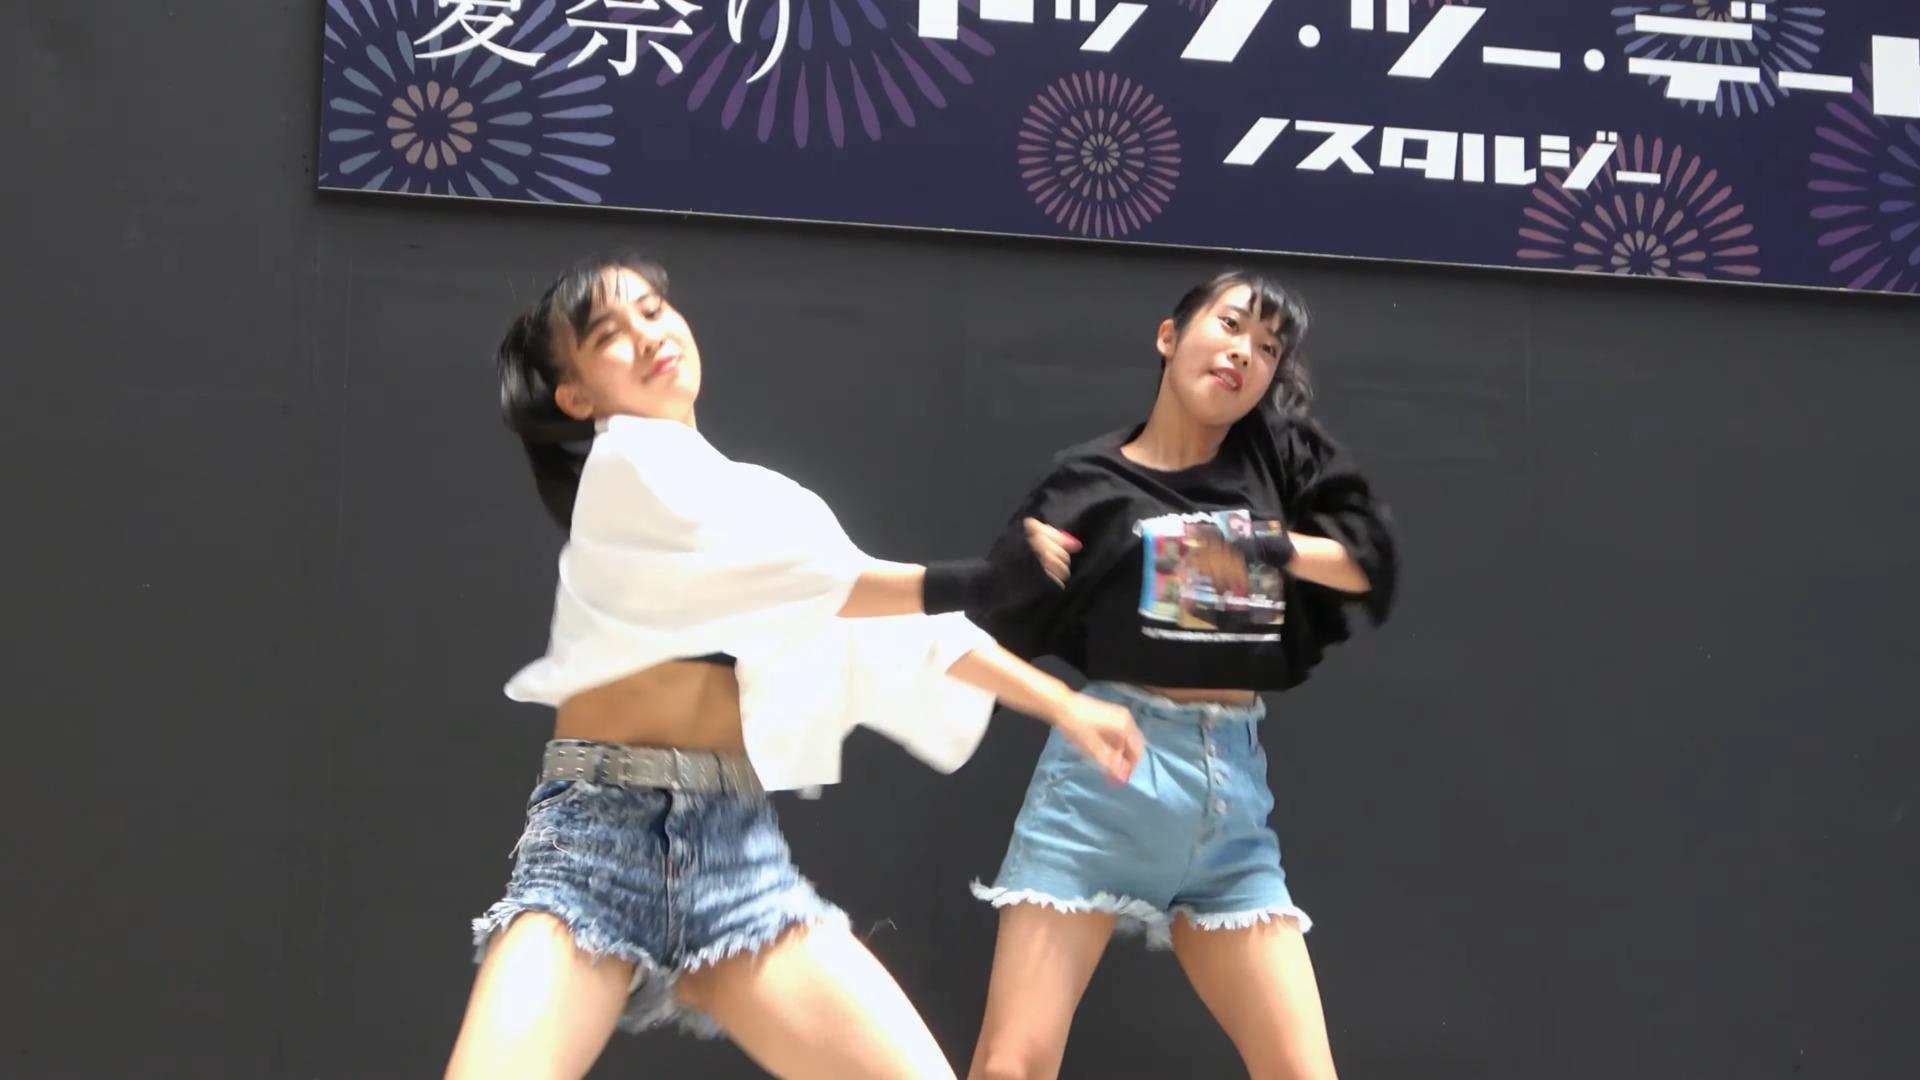 Yu-na Yume TWICE - FANCY 【大丸 夏祭り】 2019 8.4 00:05